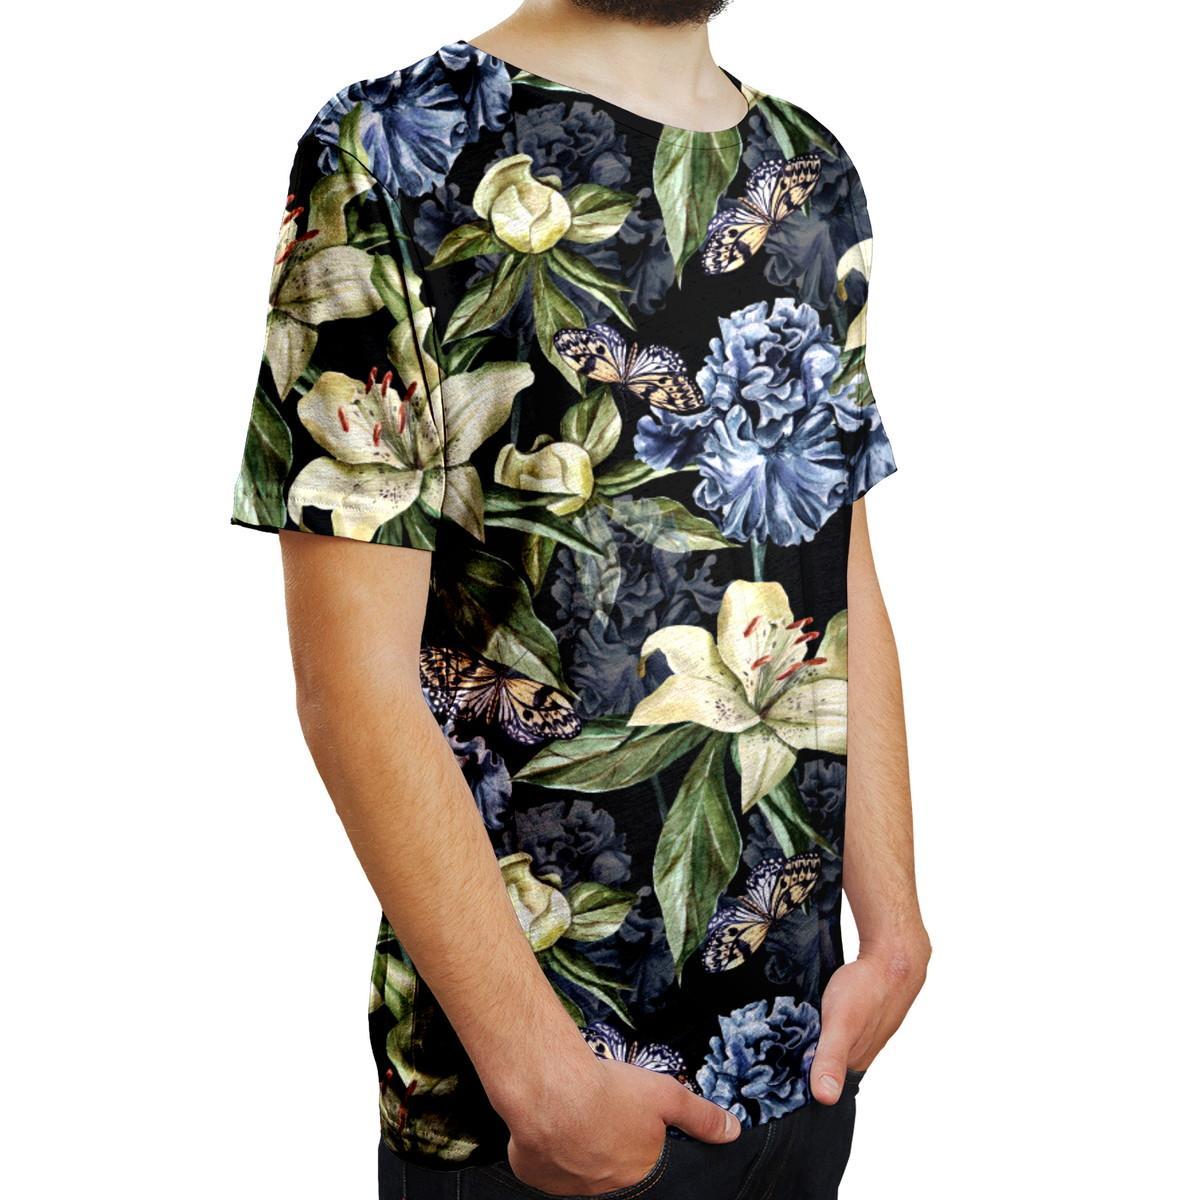 camiseta com estampa floral